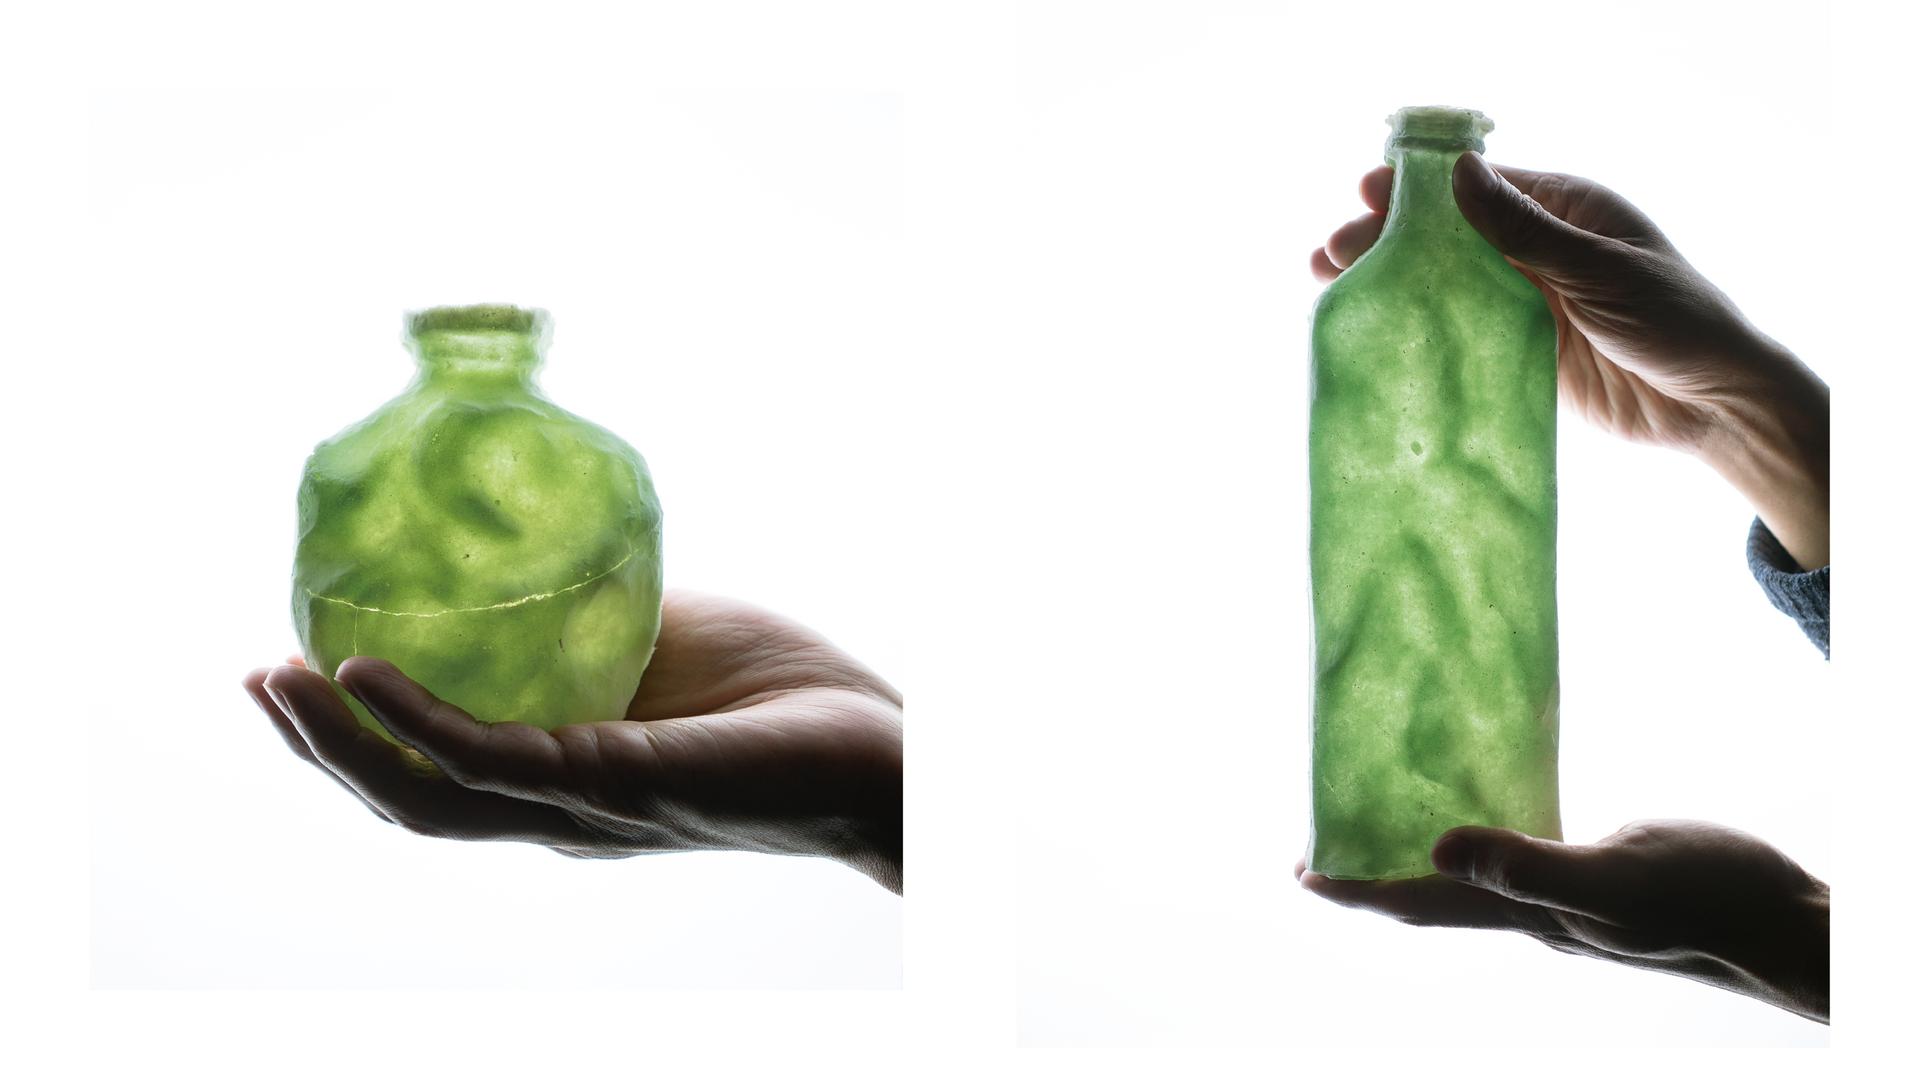 Green I, Pate de Verre, 11 x 9.5 x 5 cm ; Green II, Pate de Verre, 26 x 9 x 5 cm